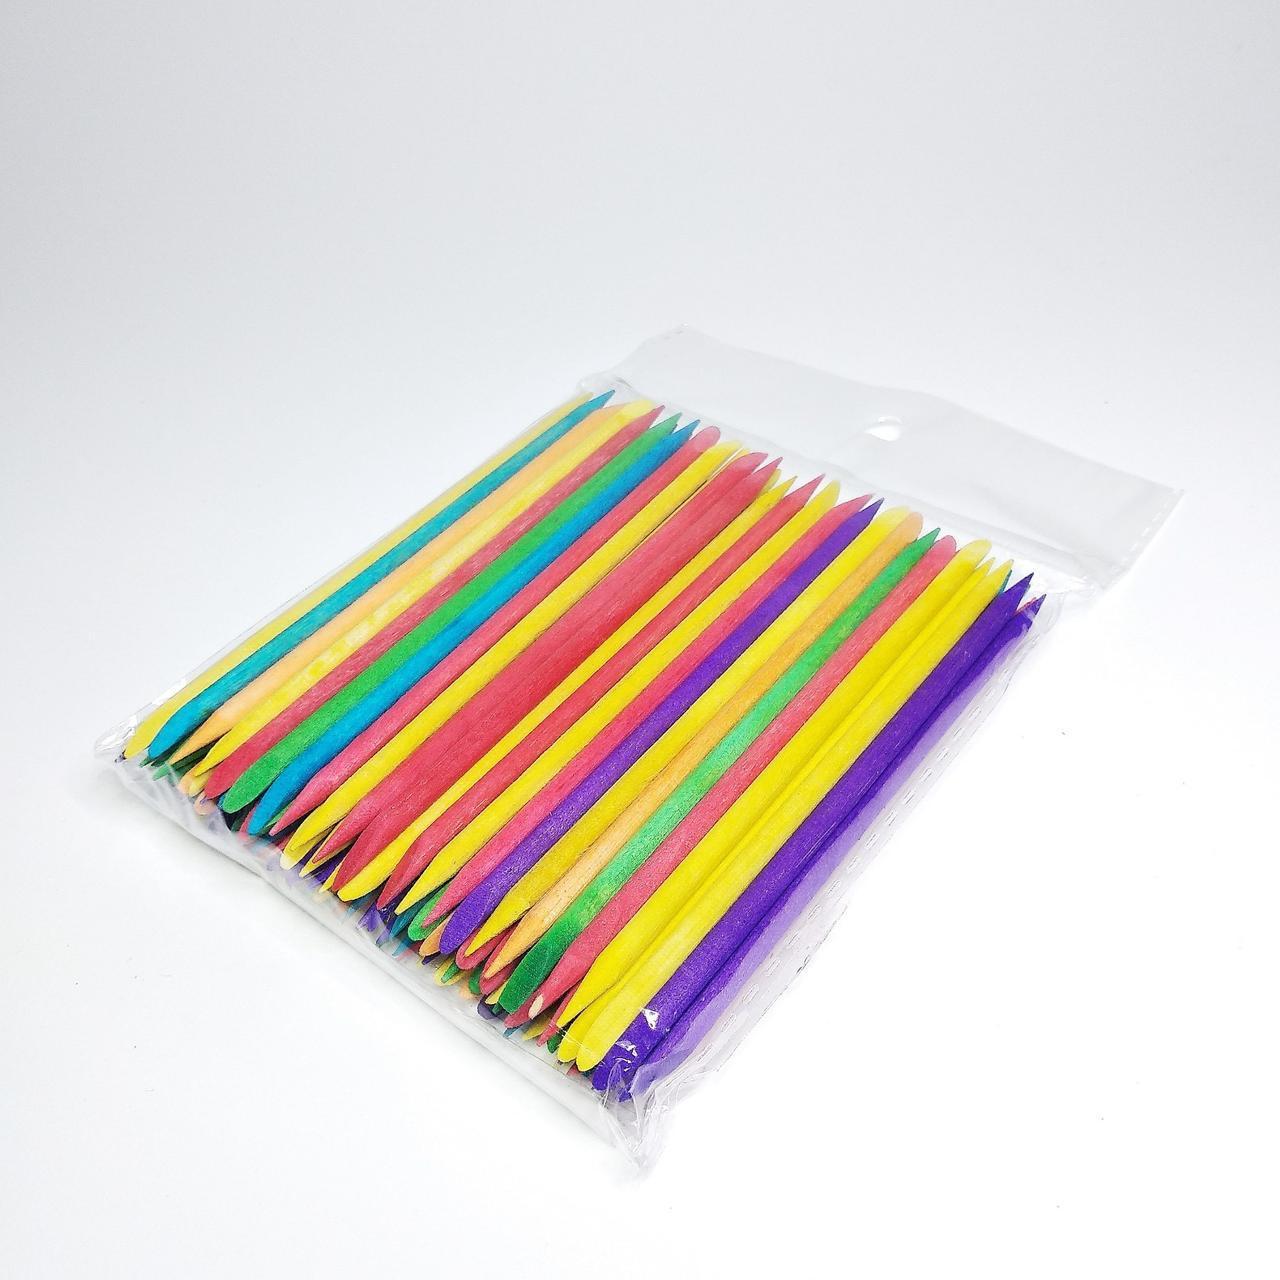 Апельсиновые палочки  цветные 11,5 см. (1 шт.)